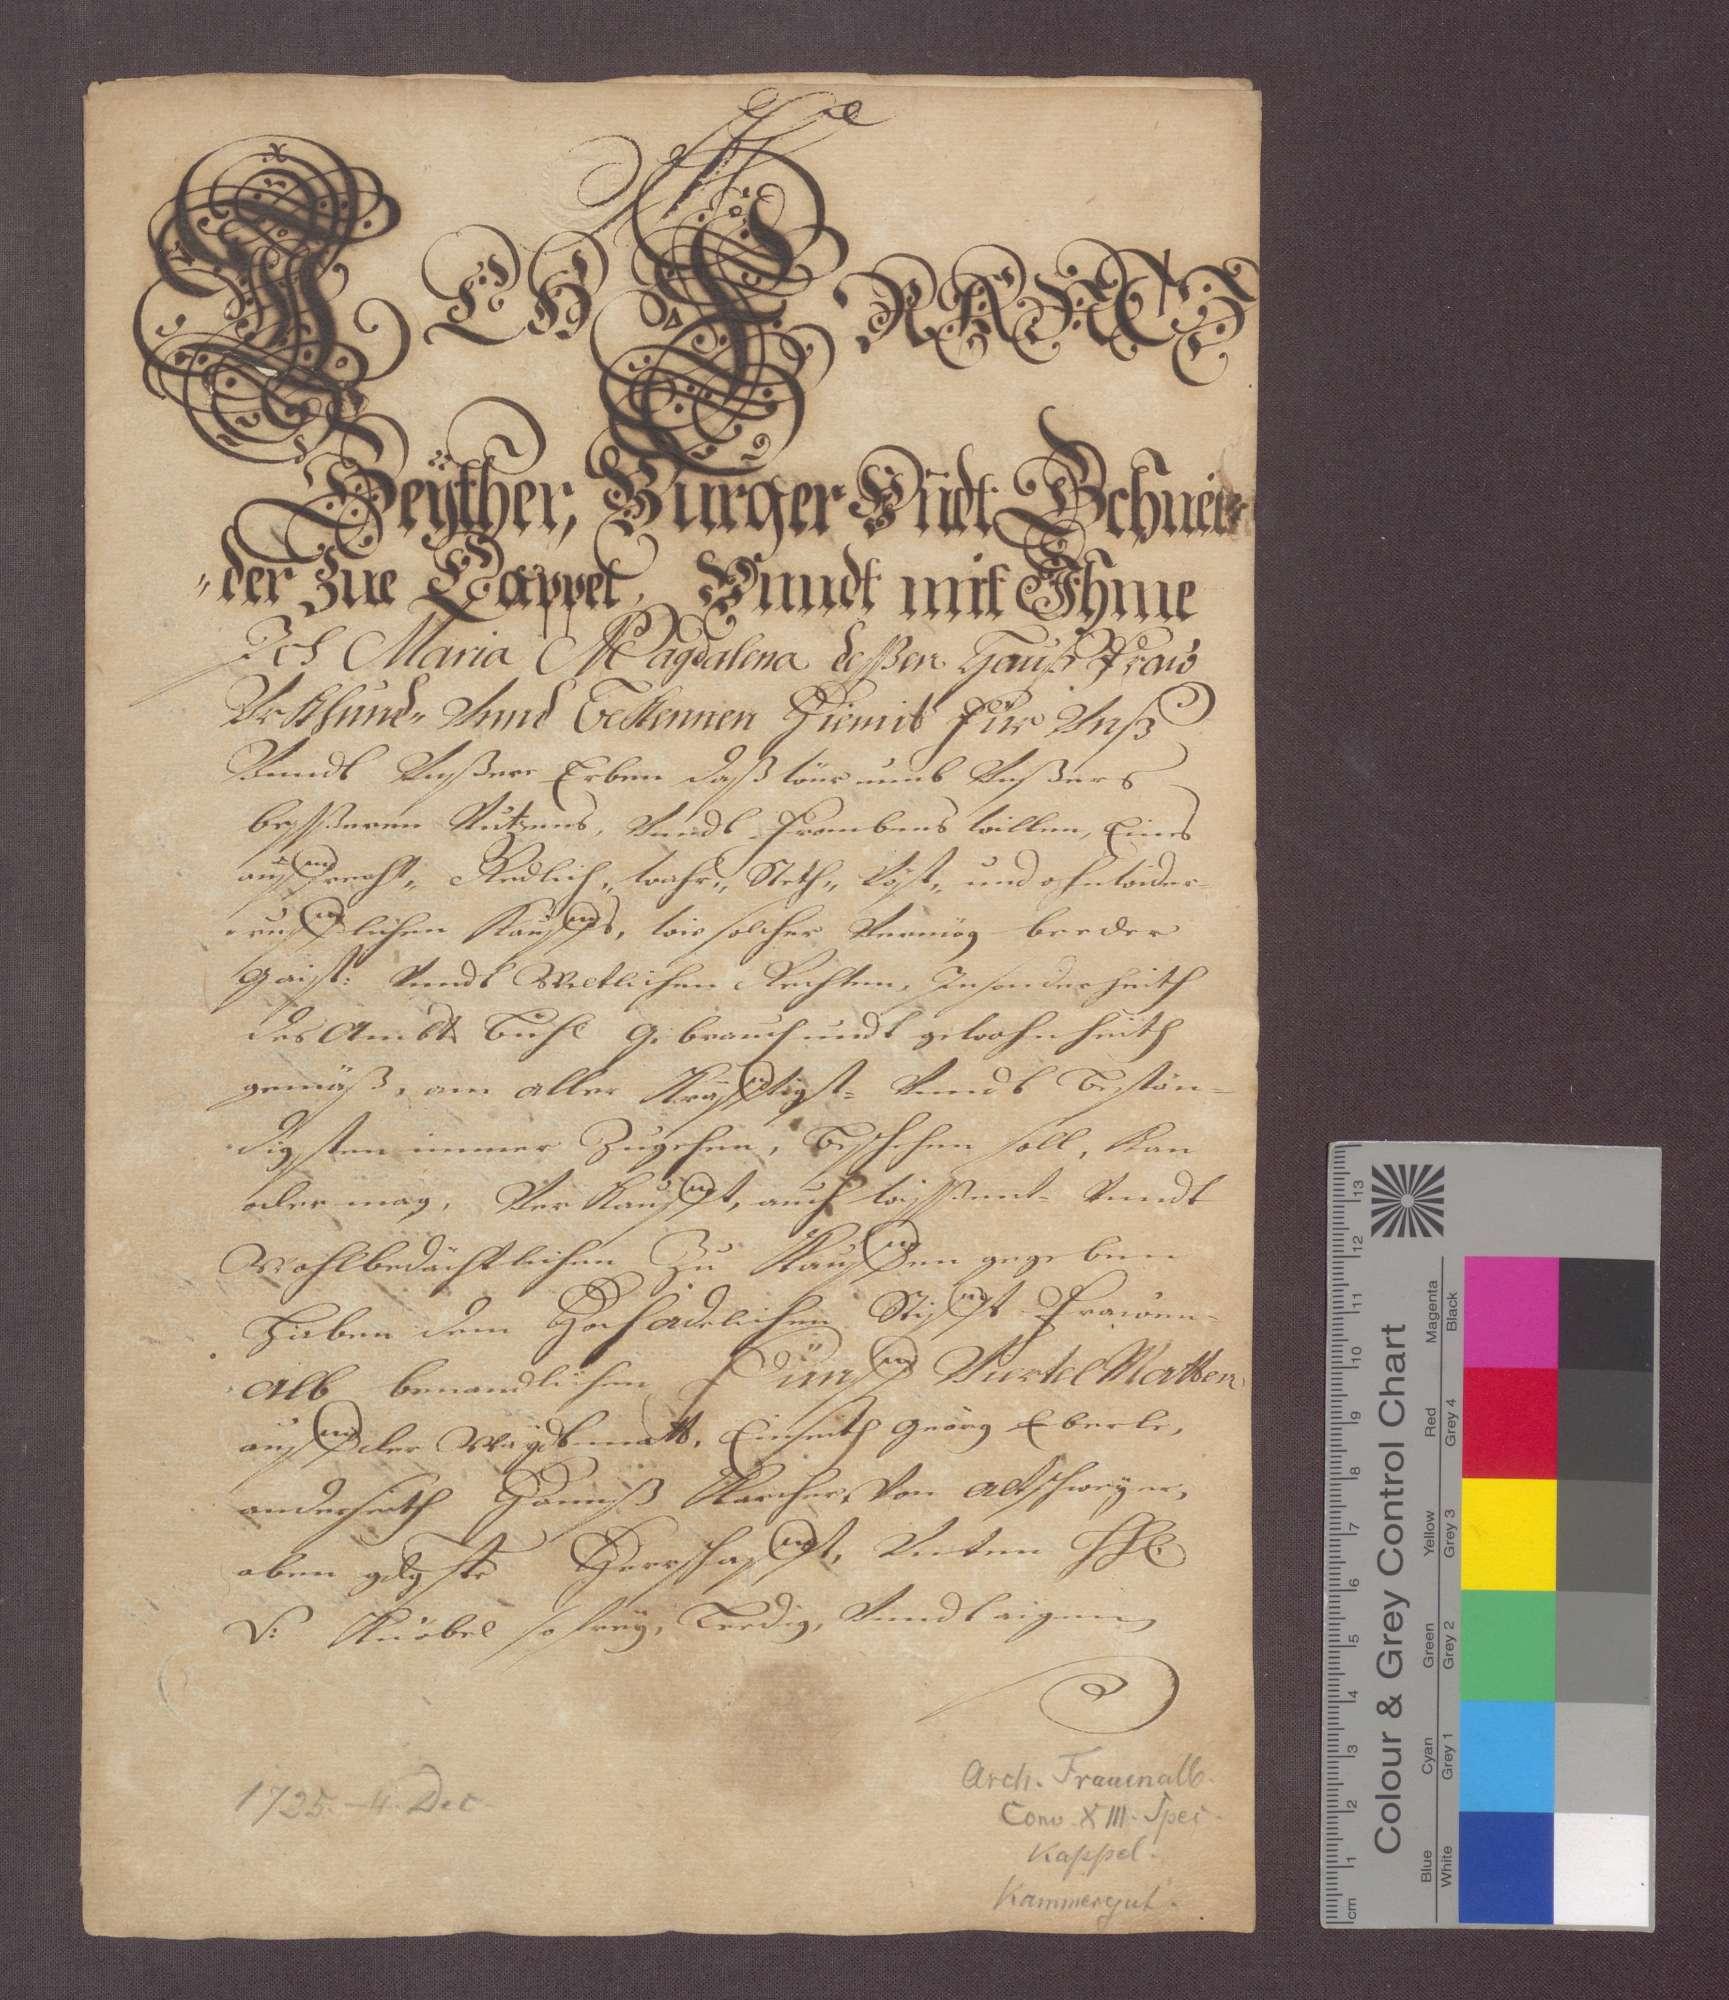 Franz Seiter, Bürger und Schneider zu Kappelwindeck verkauft dem Kloster Frauenalb um 103 Gulden 5 Viertel Matten auf der Weidmatte zu Kappel., Bild 1